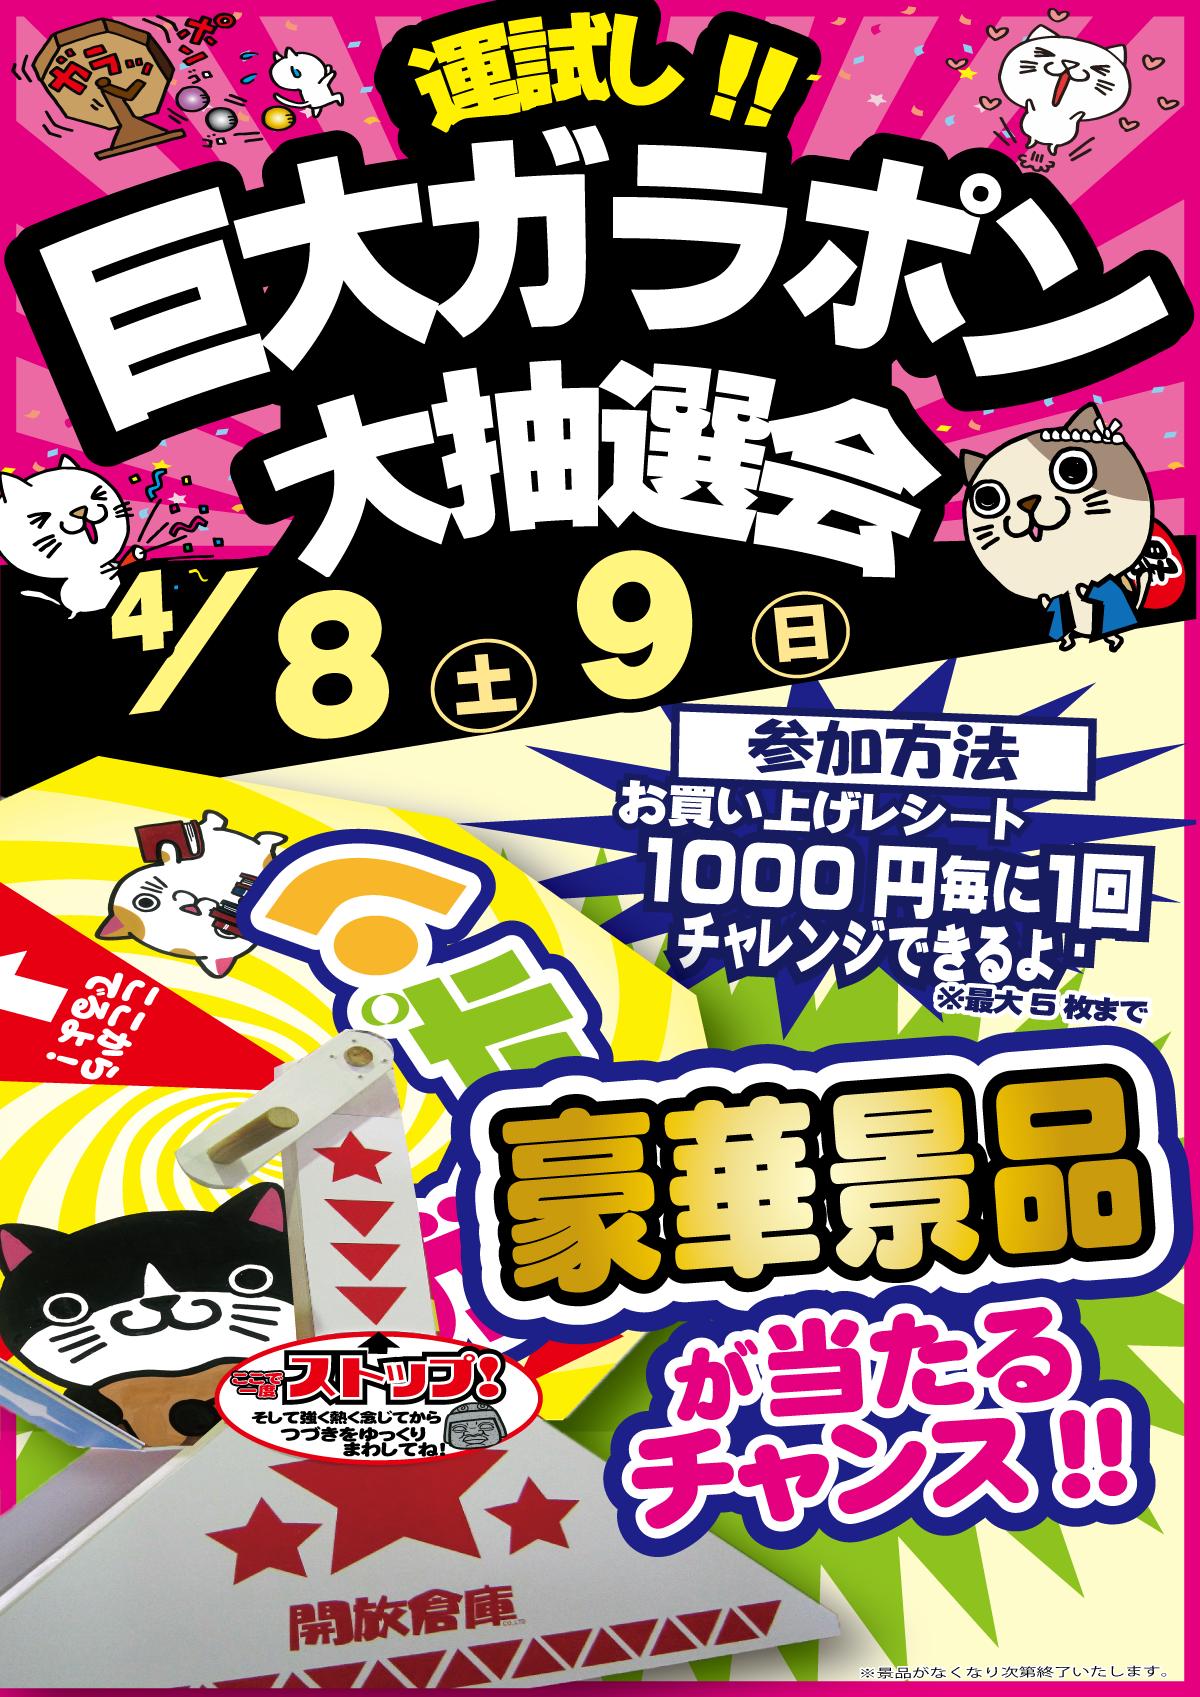 「開放倉庫桜井店」2017年4月8、9日の土日2日間は、運試し!巨大ガラポン大抽選会を開催!!